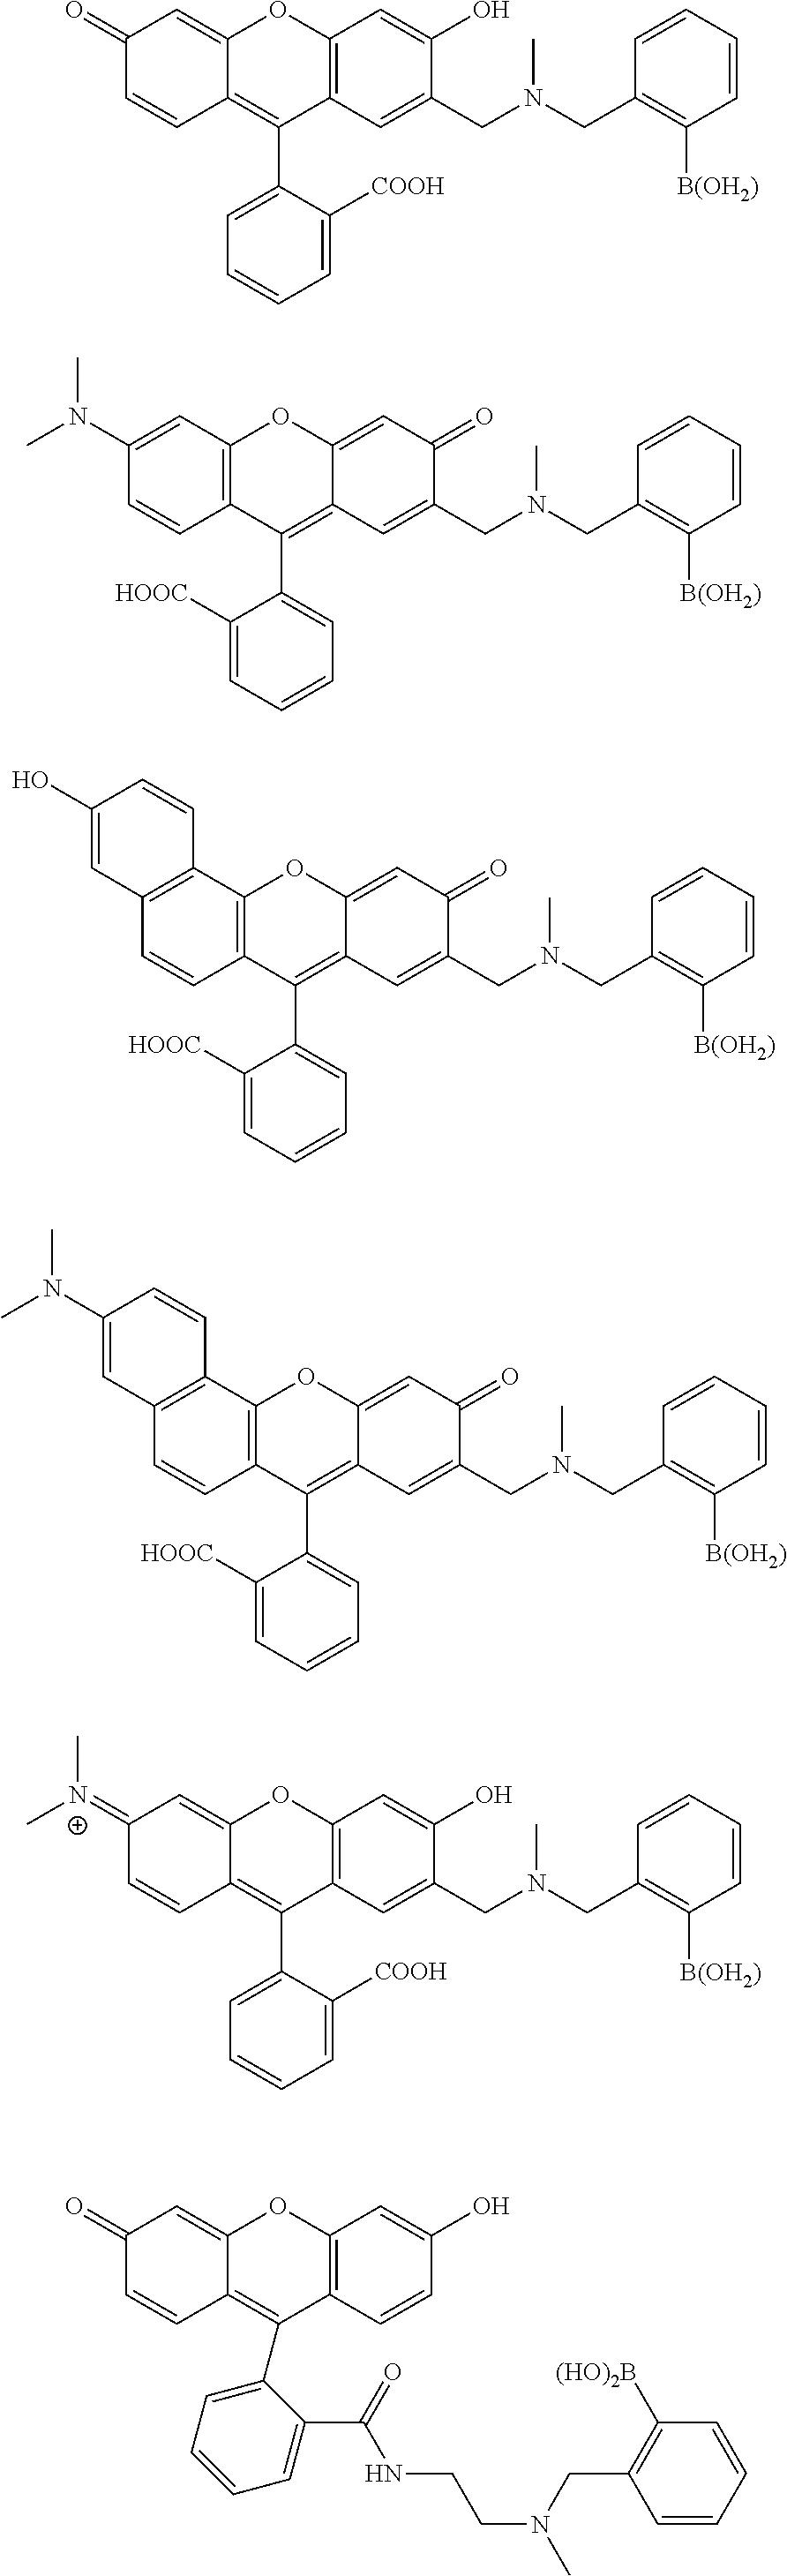 Figure US08466286-20130618-C00043